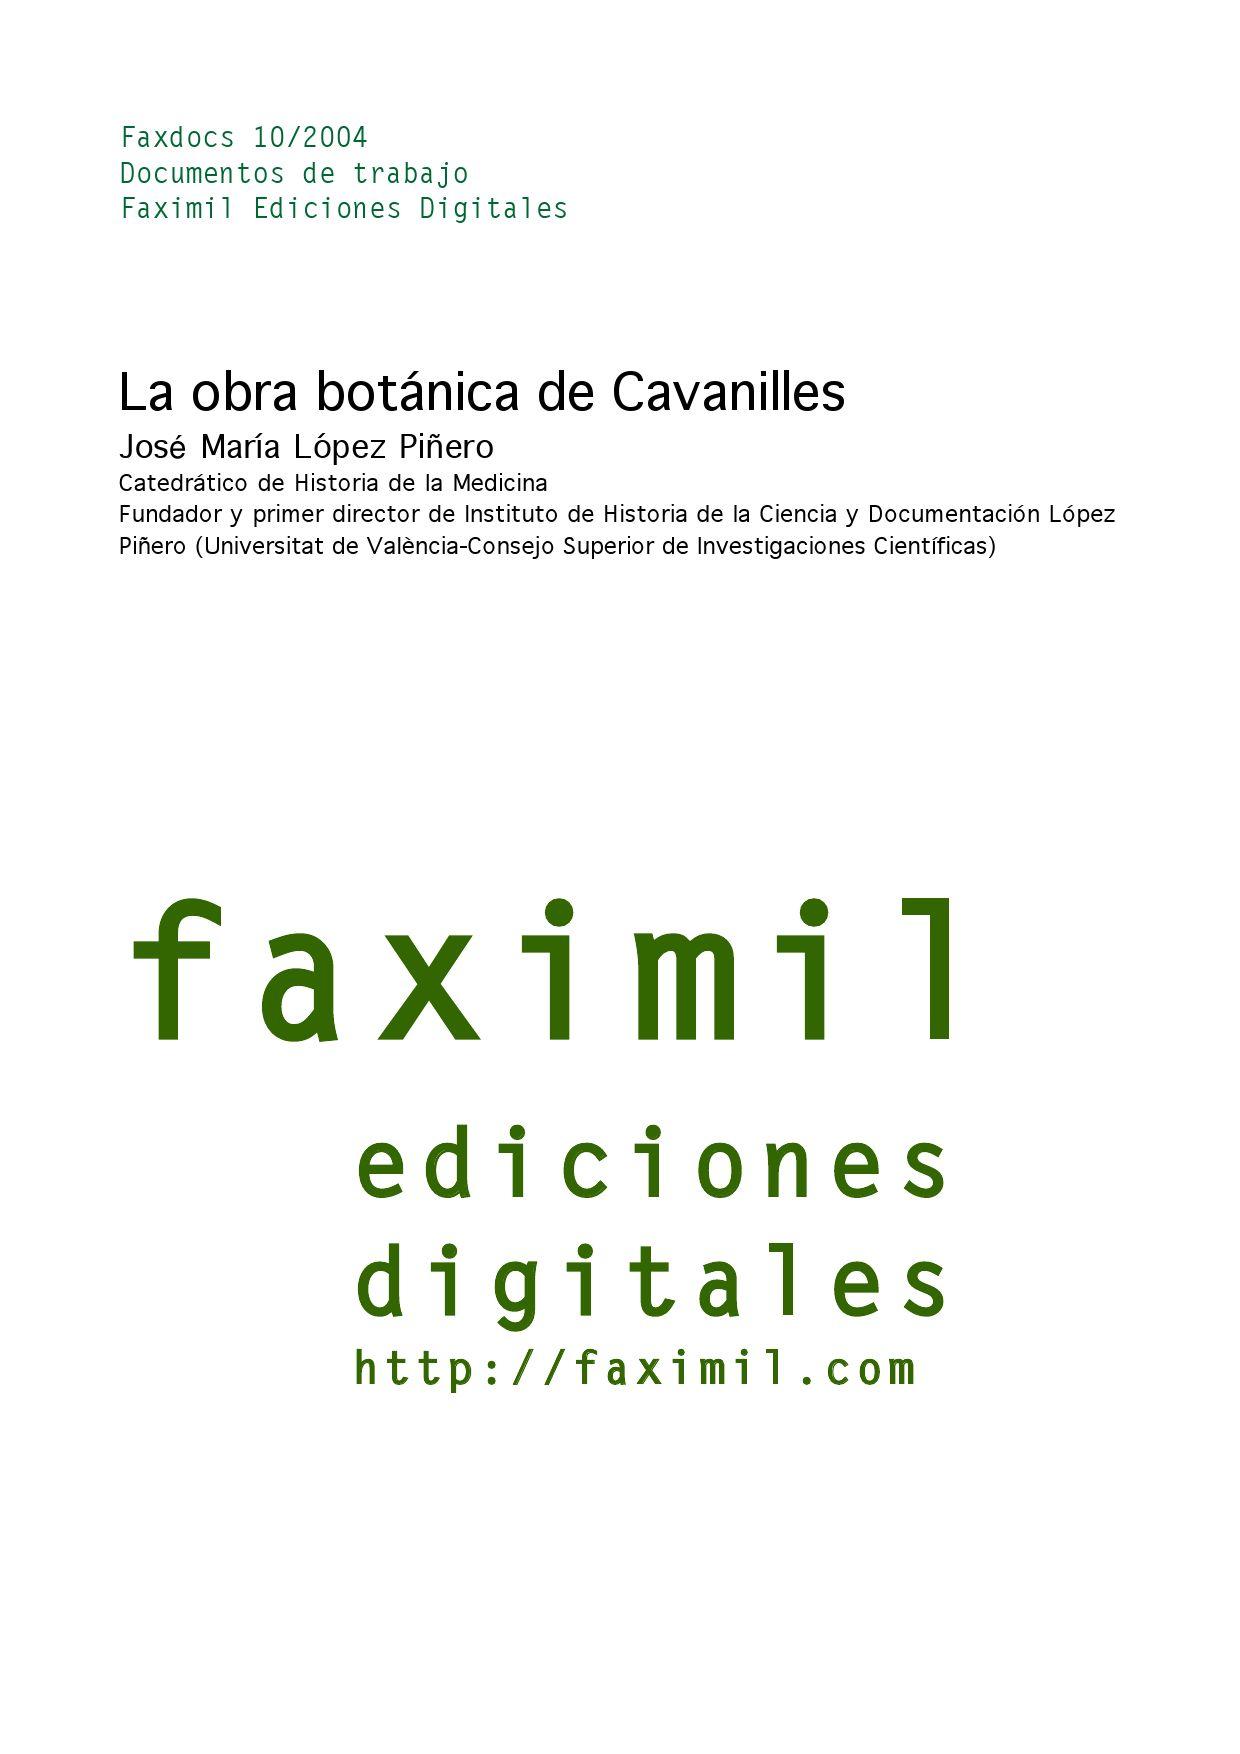 La obra botánica de Cavanilles / José María Lòpez by Faximil ...